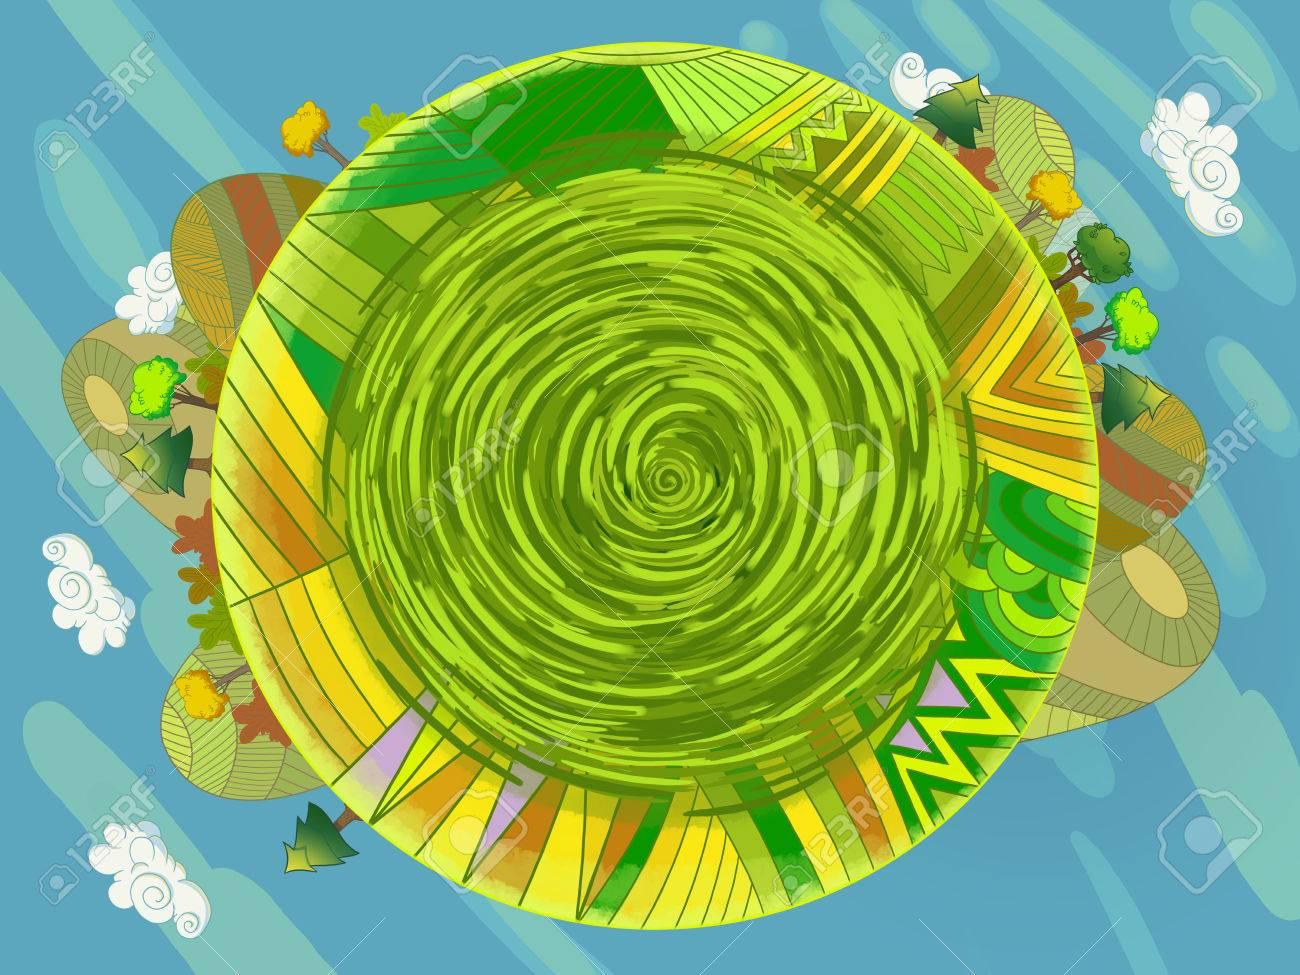 Erde Karte Rund.Stock Photo